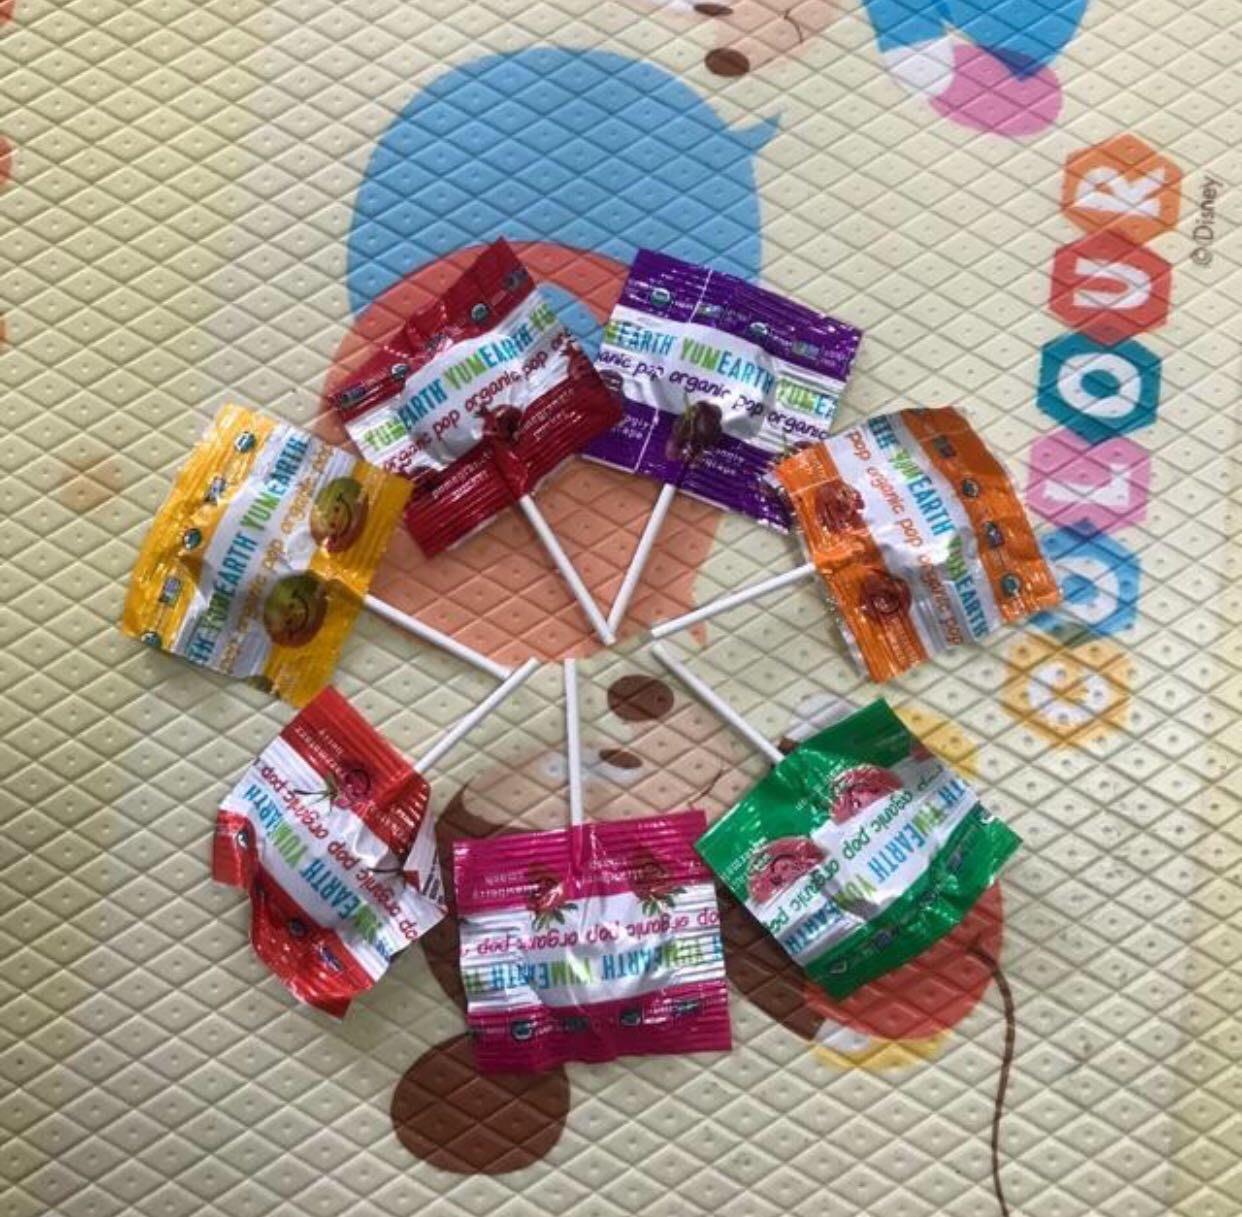 現貨❤️Yumearth 有機棒棒糖 軟糖 草莓 綜合 天然萬聖節 交換禮物